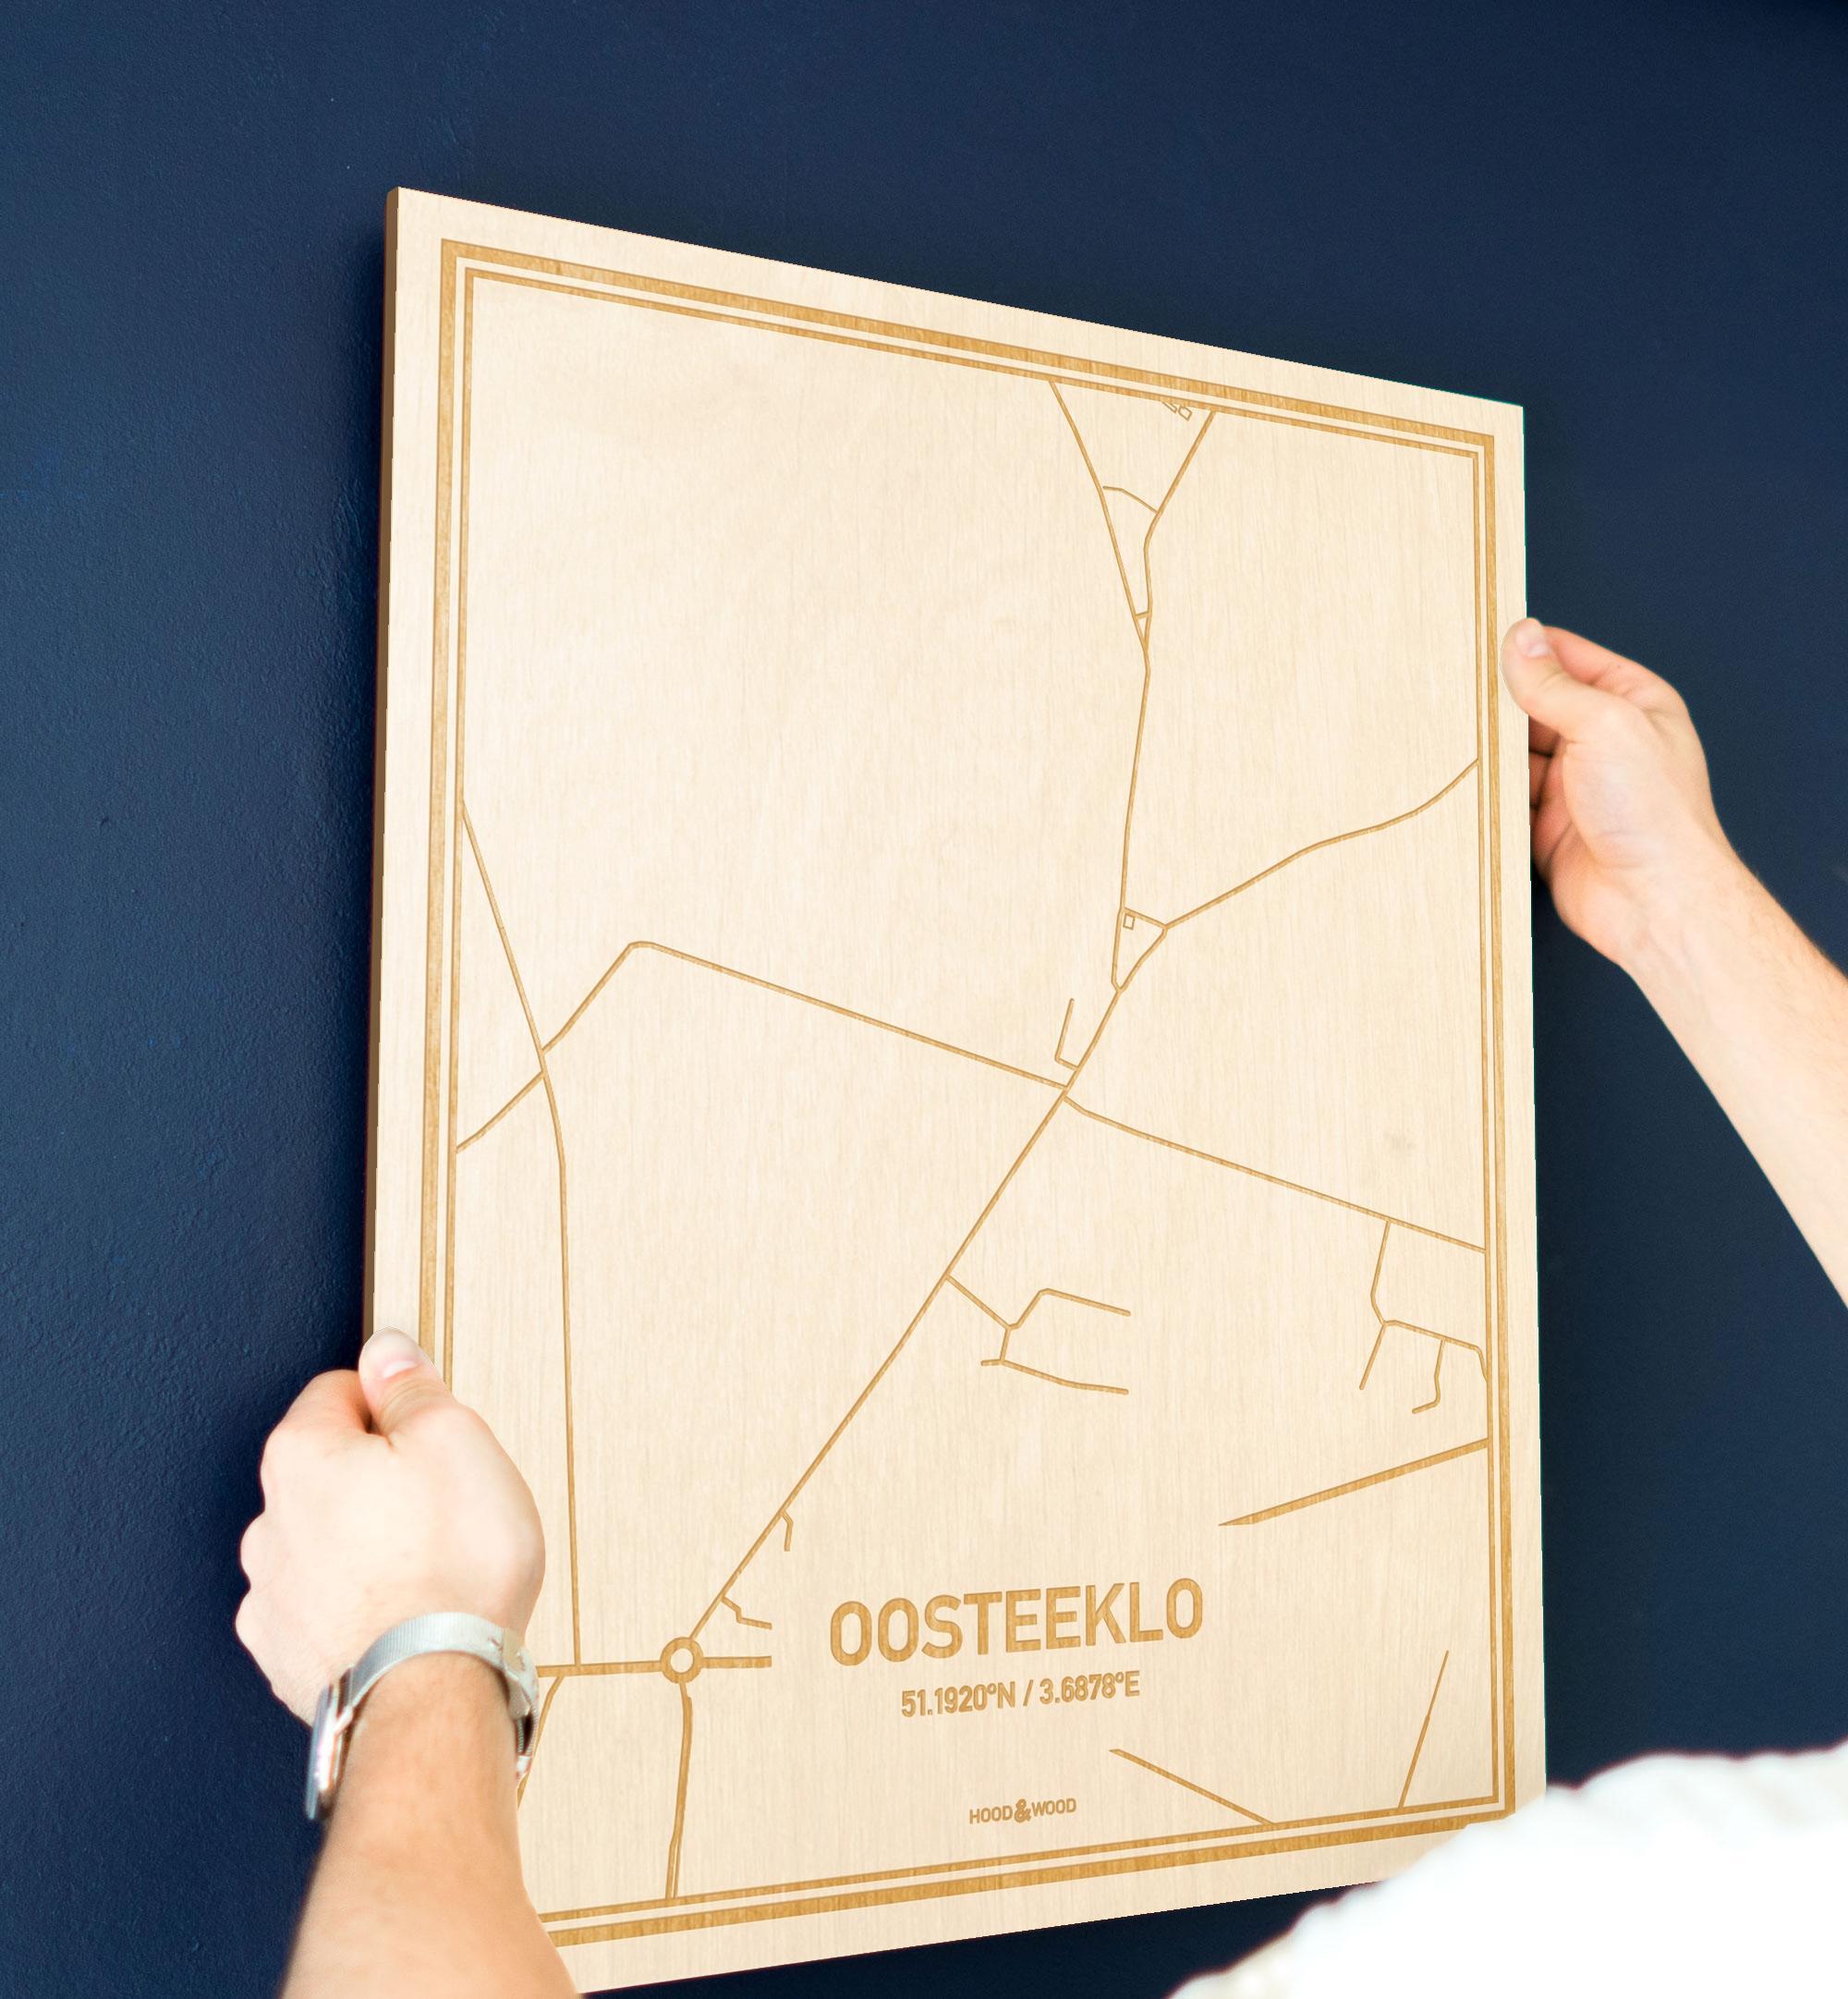 Een man hangt de houten plattegrond Oosteeklo aan zijn blauwe muur ter decoratie. Je ziet alleen zijn handen de kaart van deze bijzondere in Oost-Vlaanderen  vasthouden.